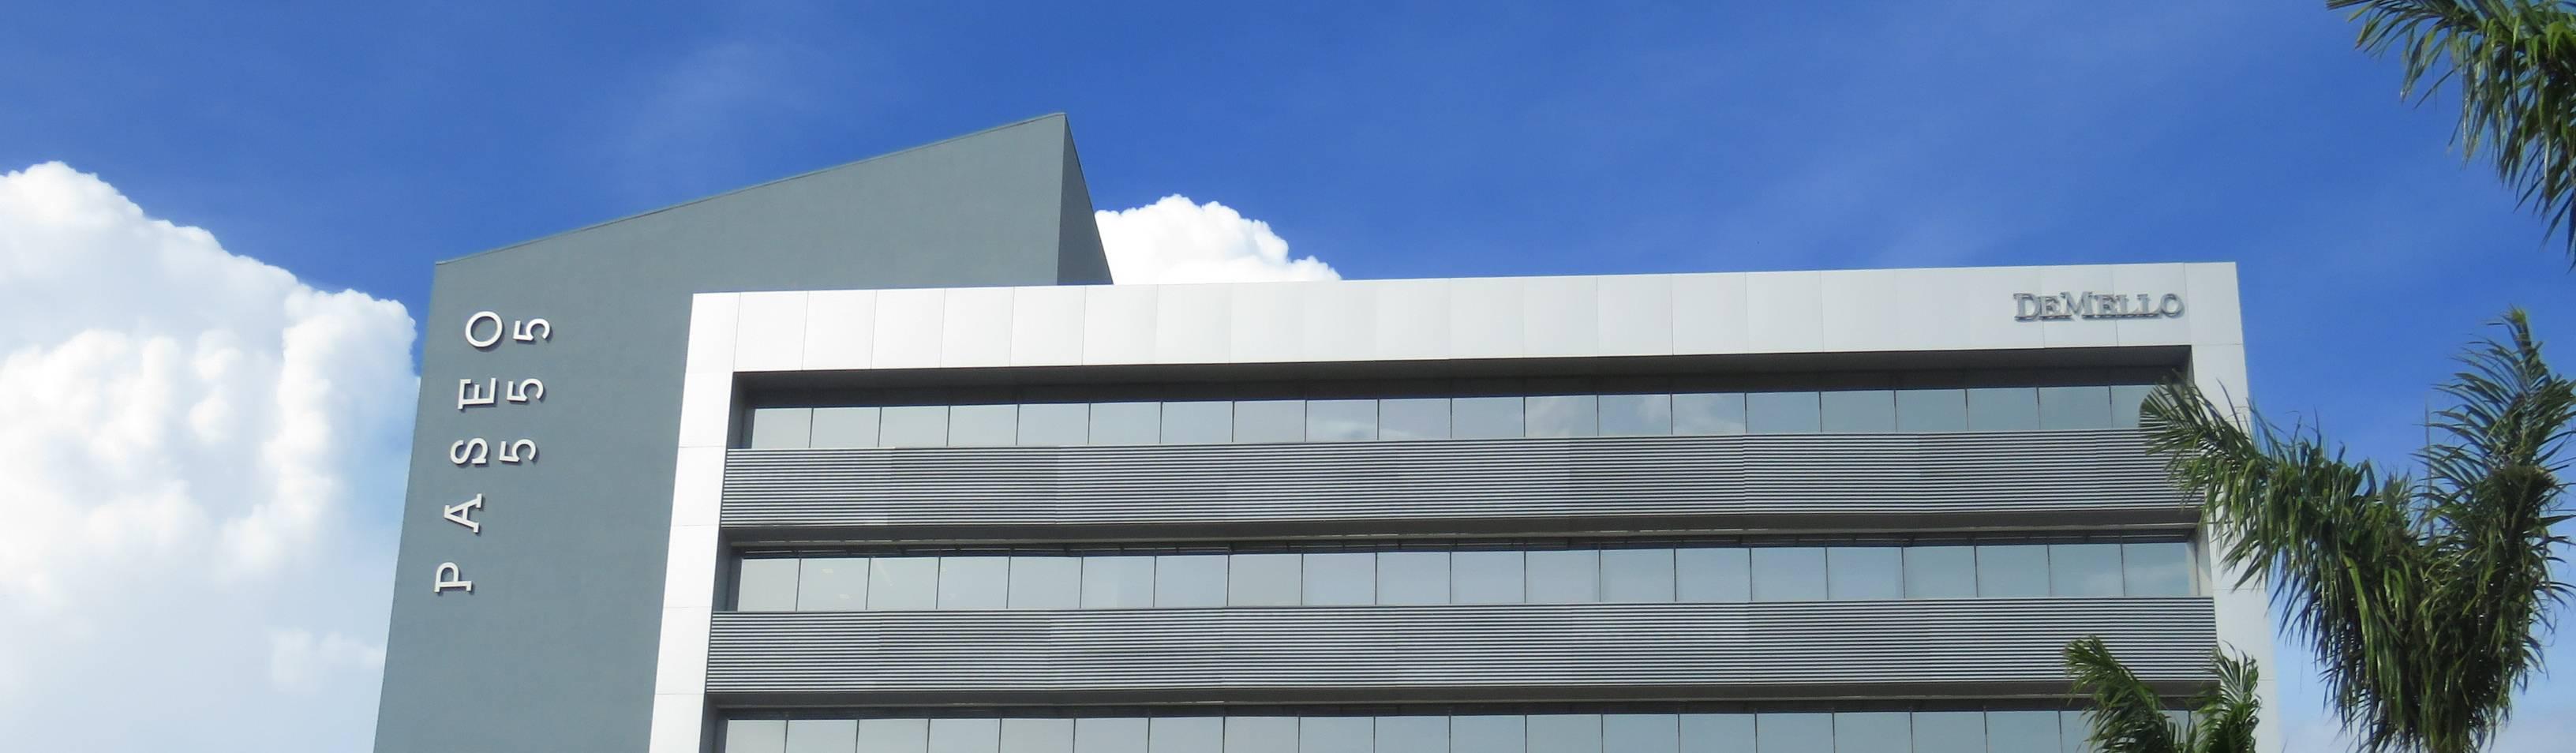 Sólido Arquitetura